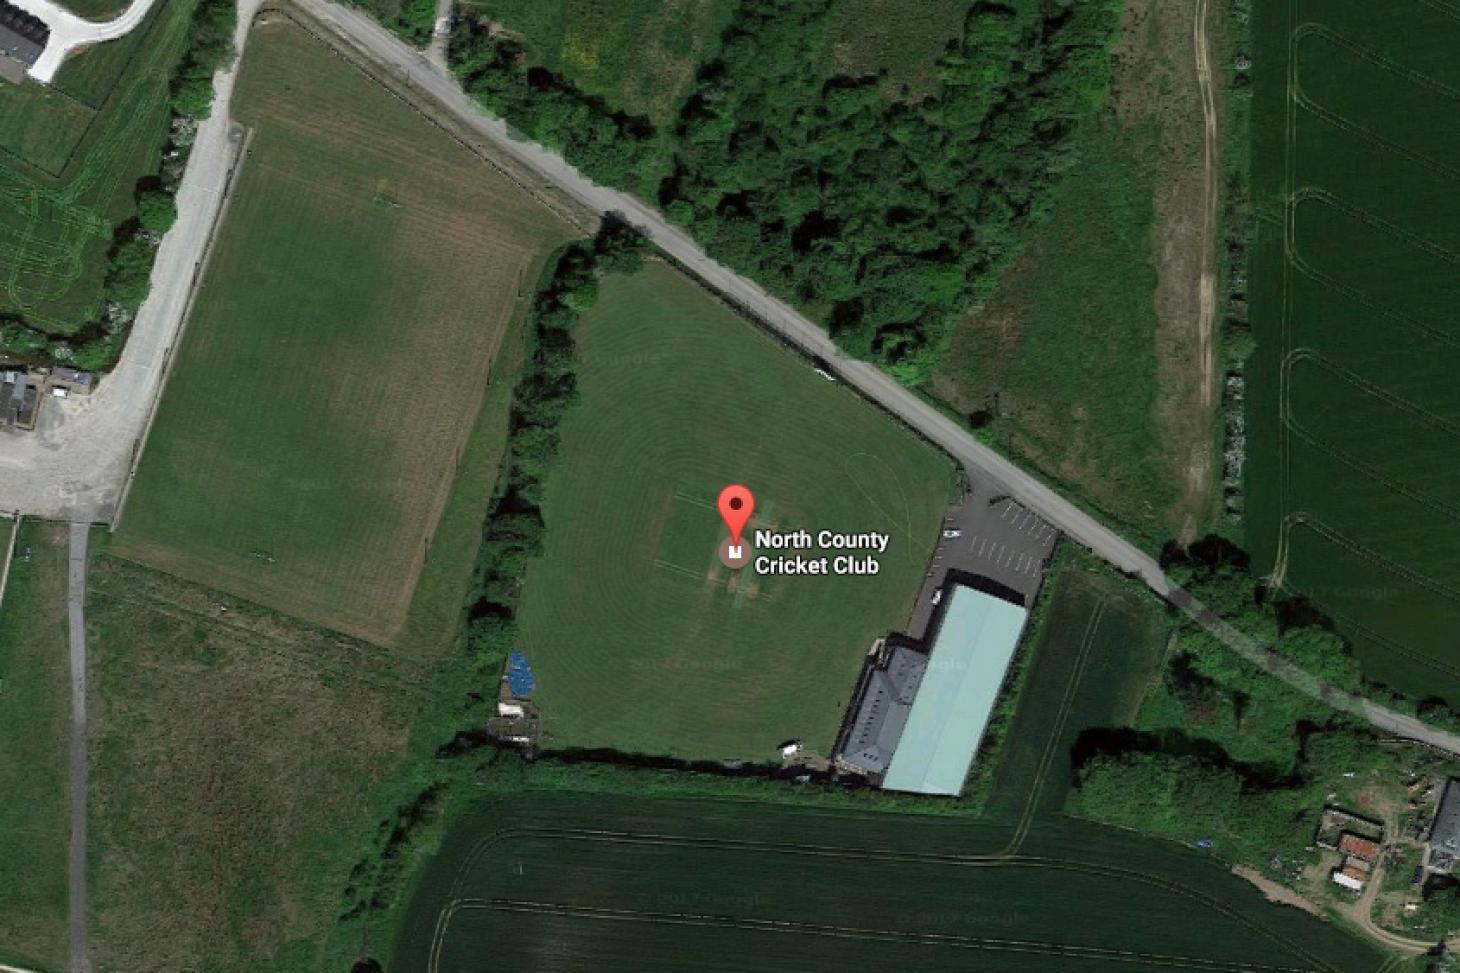 North County Cricket Club Outdoor   Grass cricket facilities